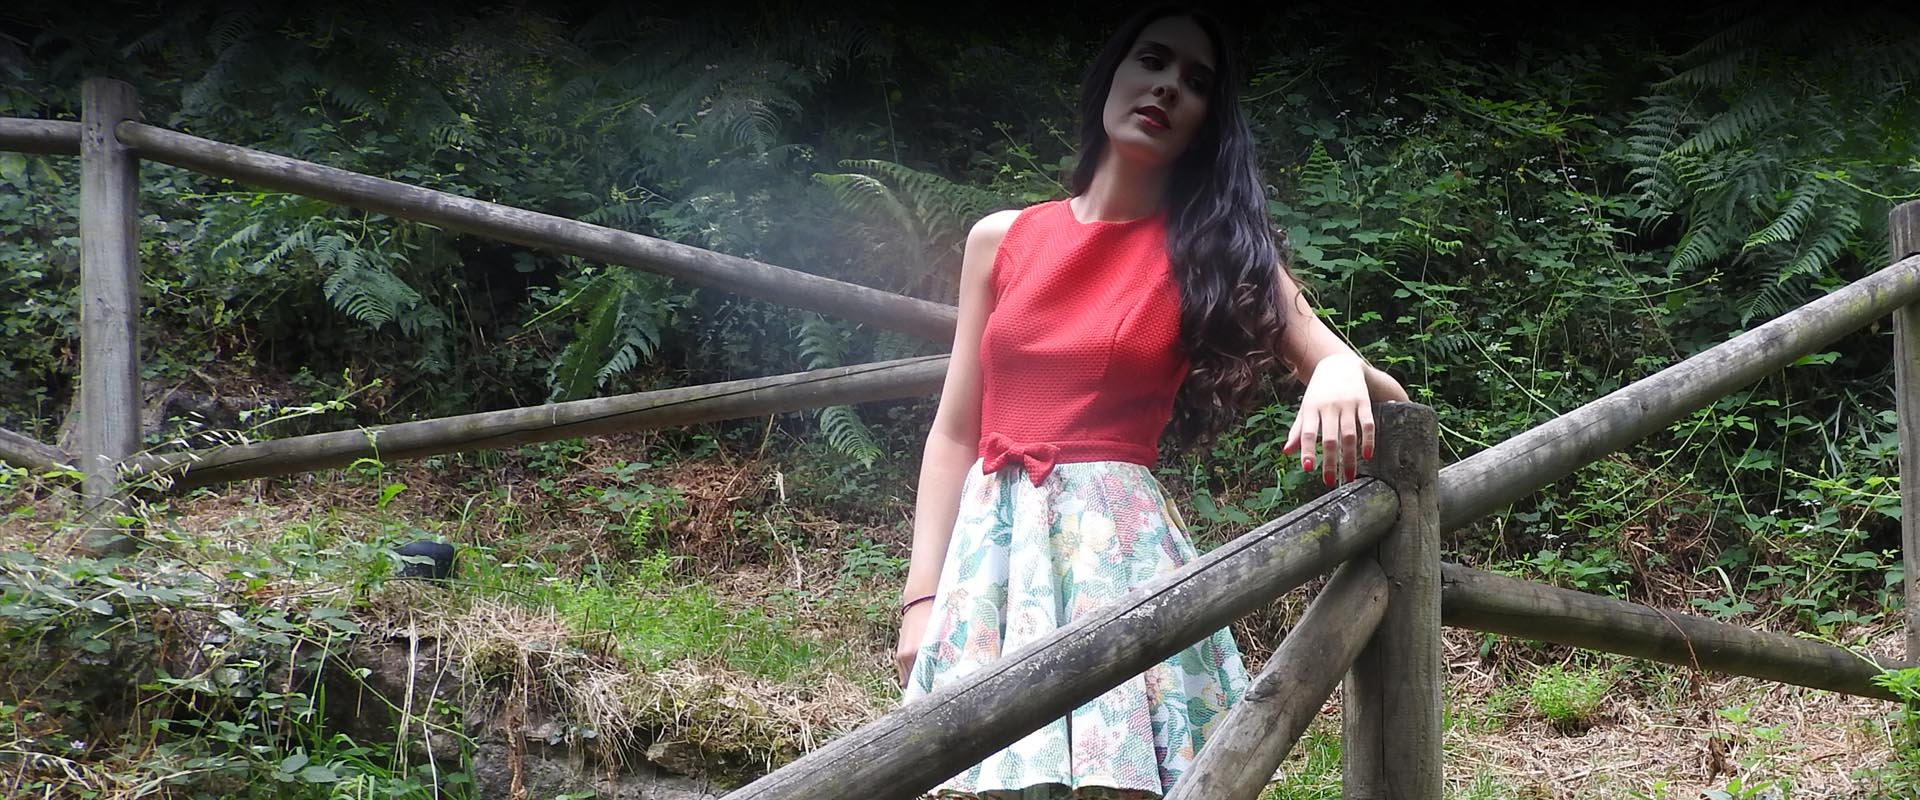 foto-vestido-pique-rojo-1